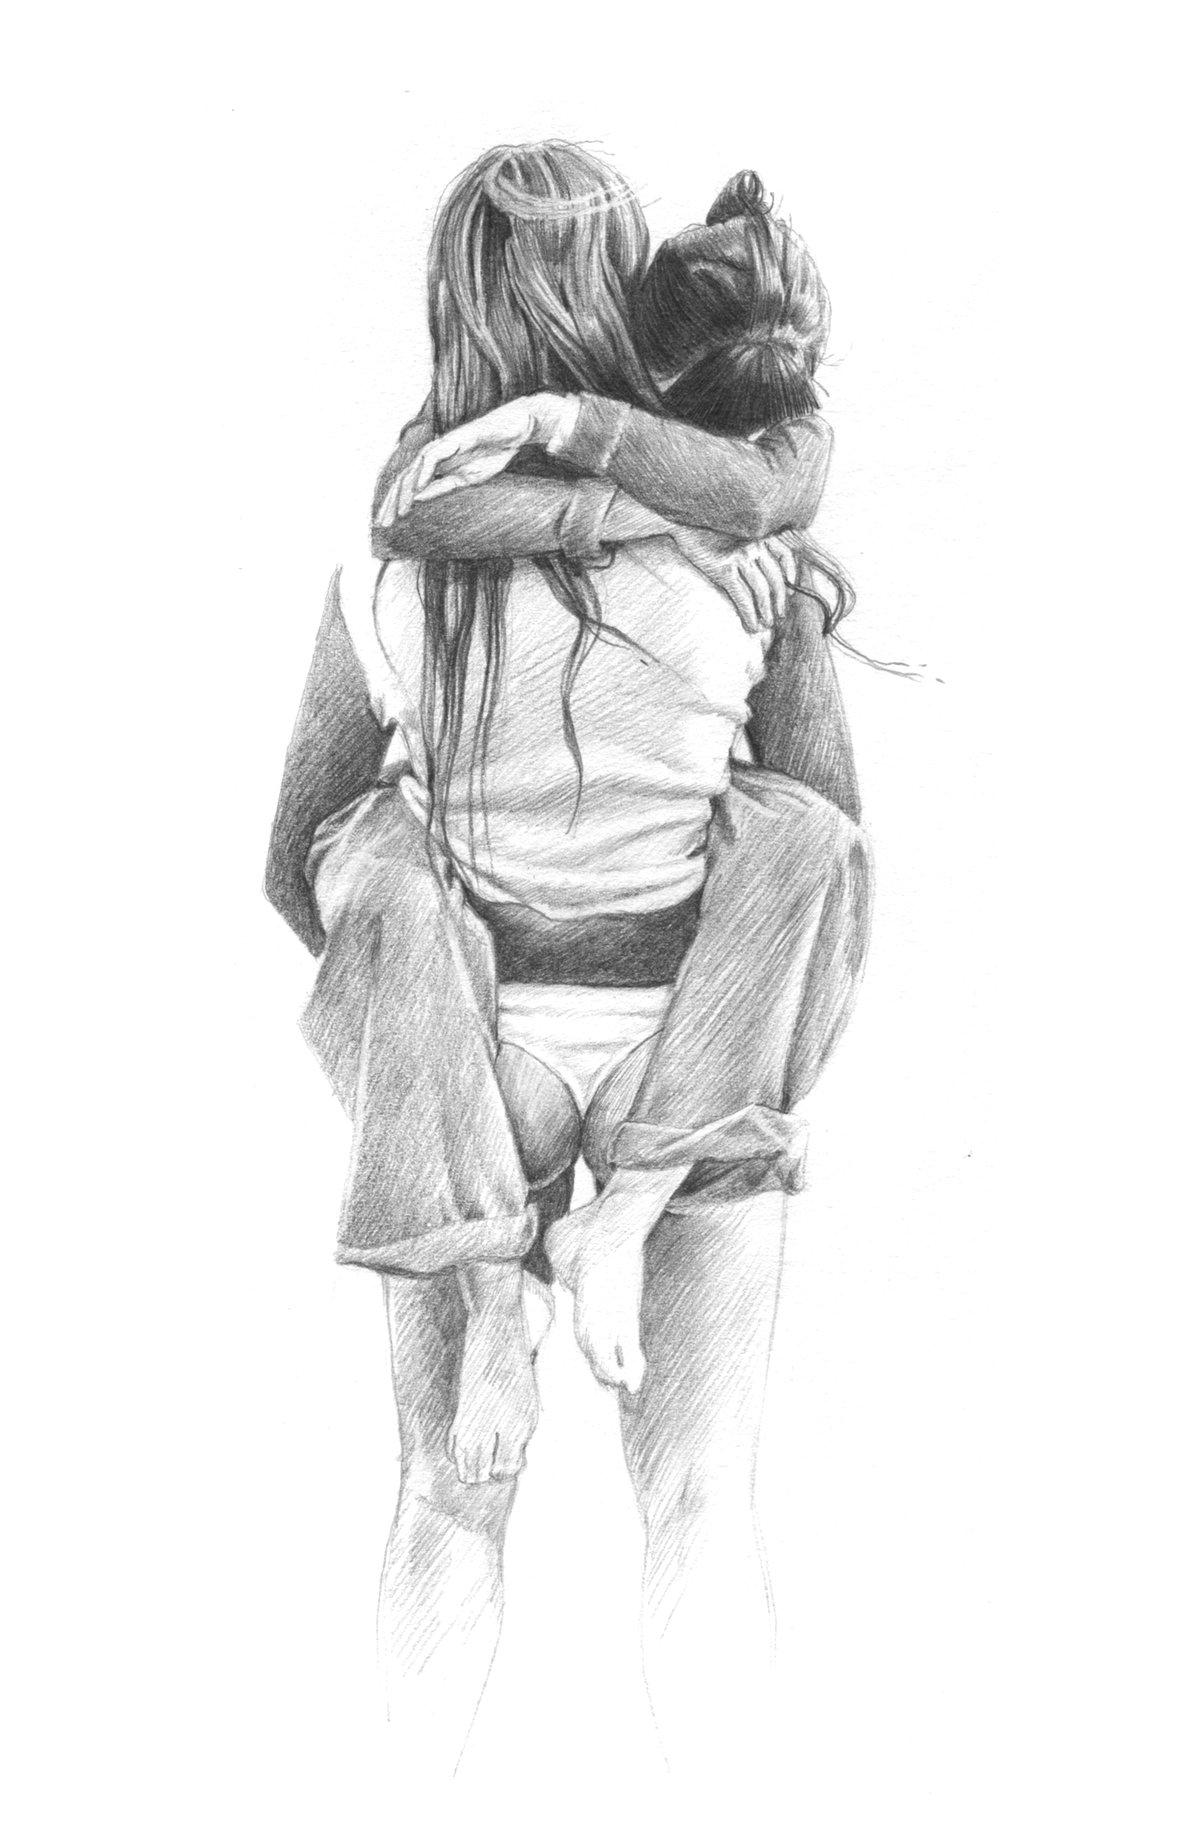 Image of Hug